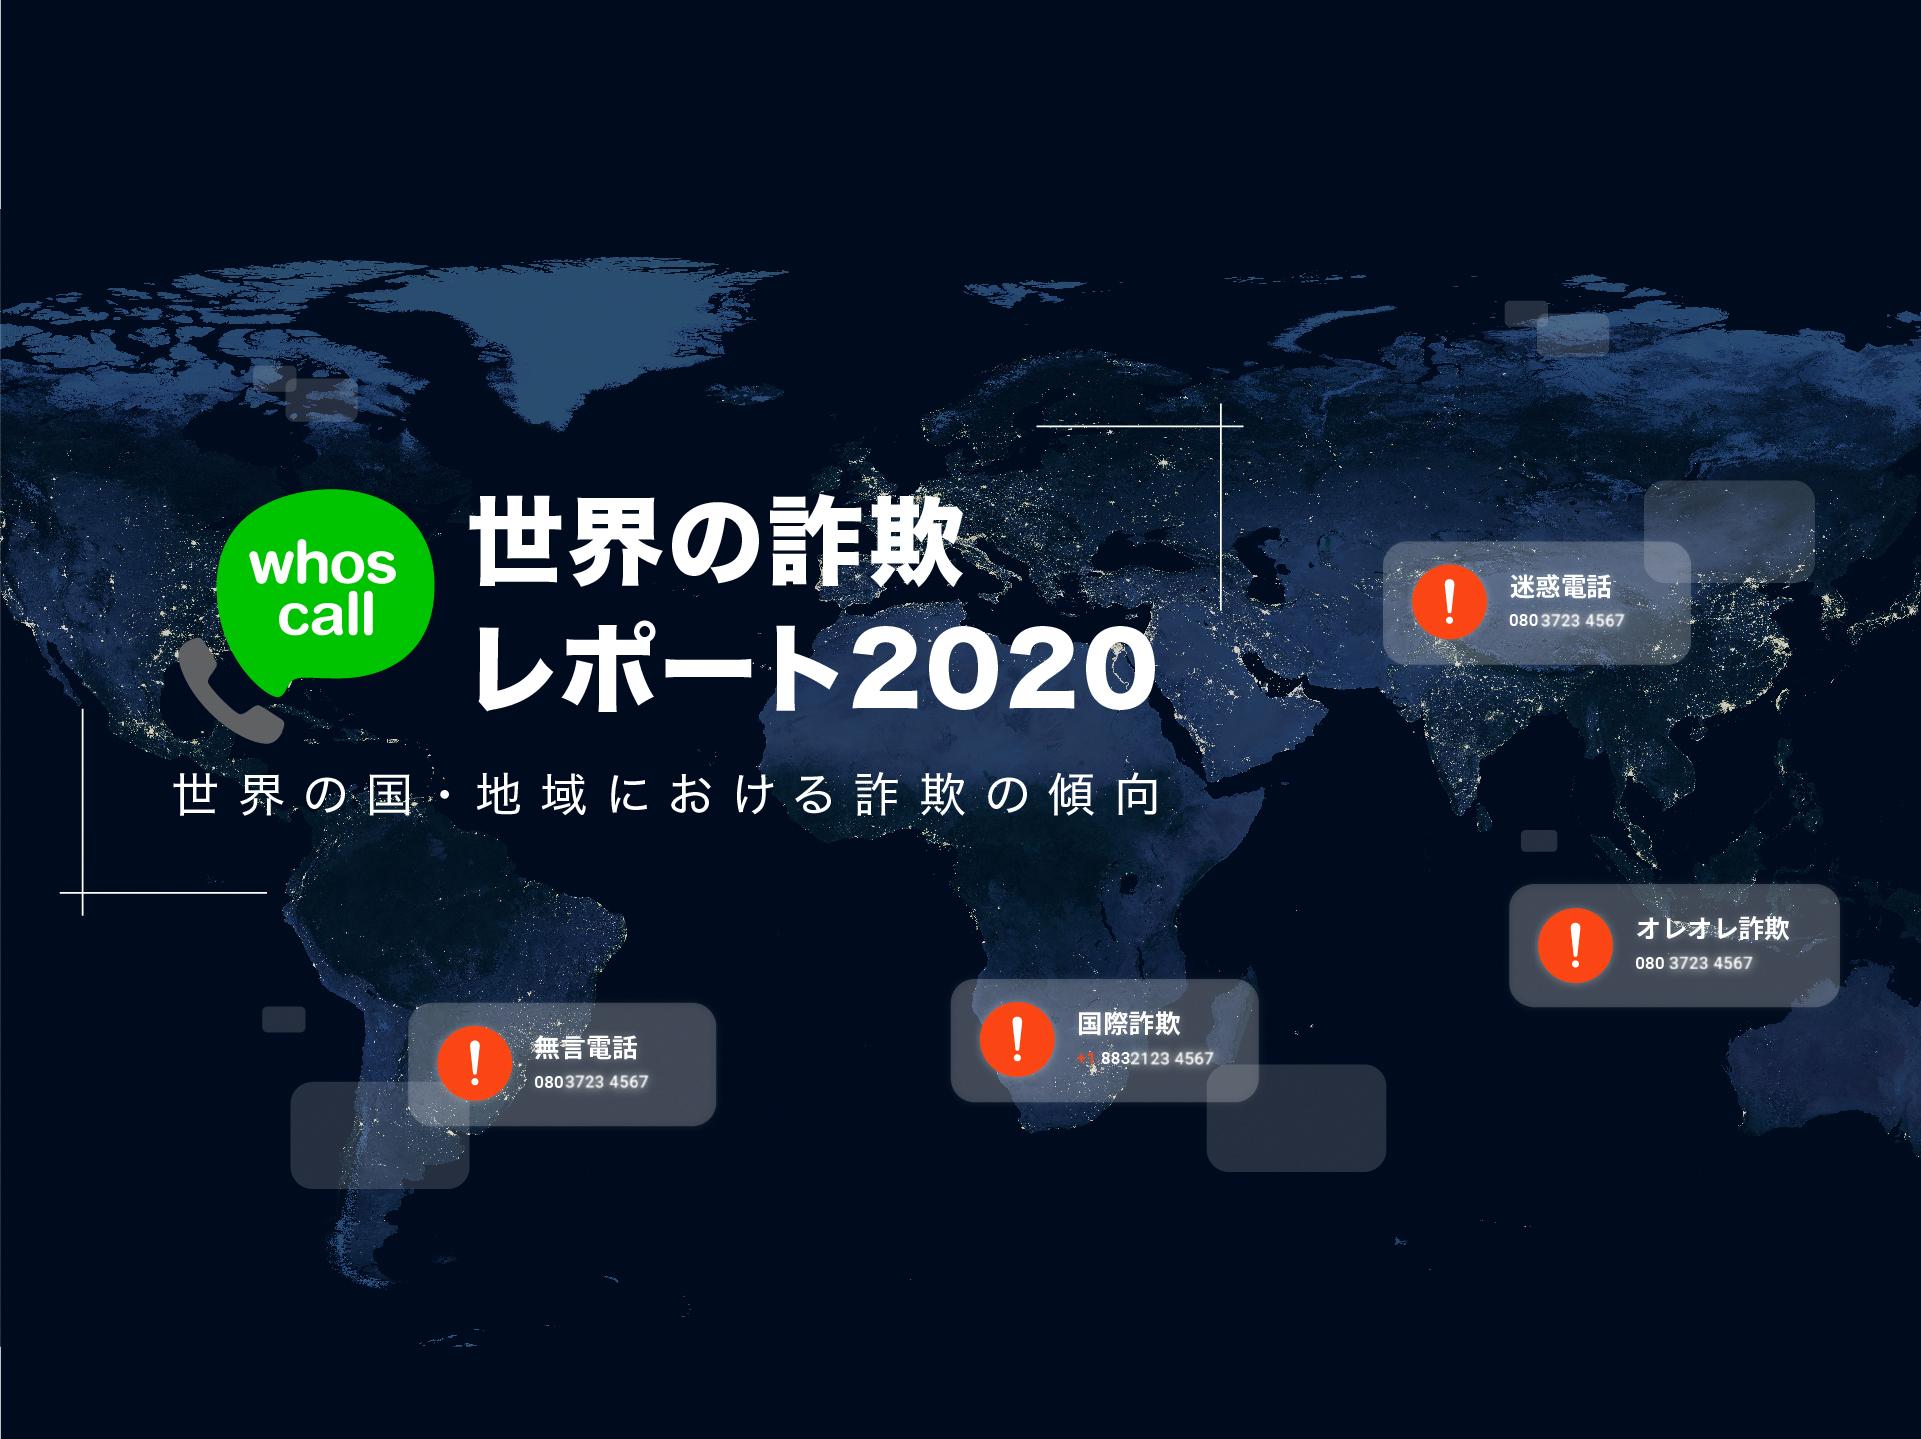 迷惑電話対策アプリWhoscall 「世界の詐欺レポート2020」を発表